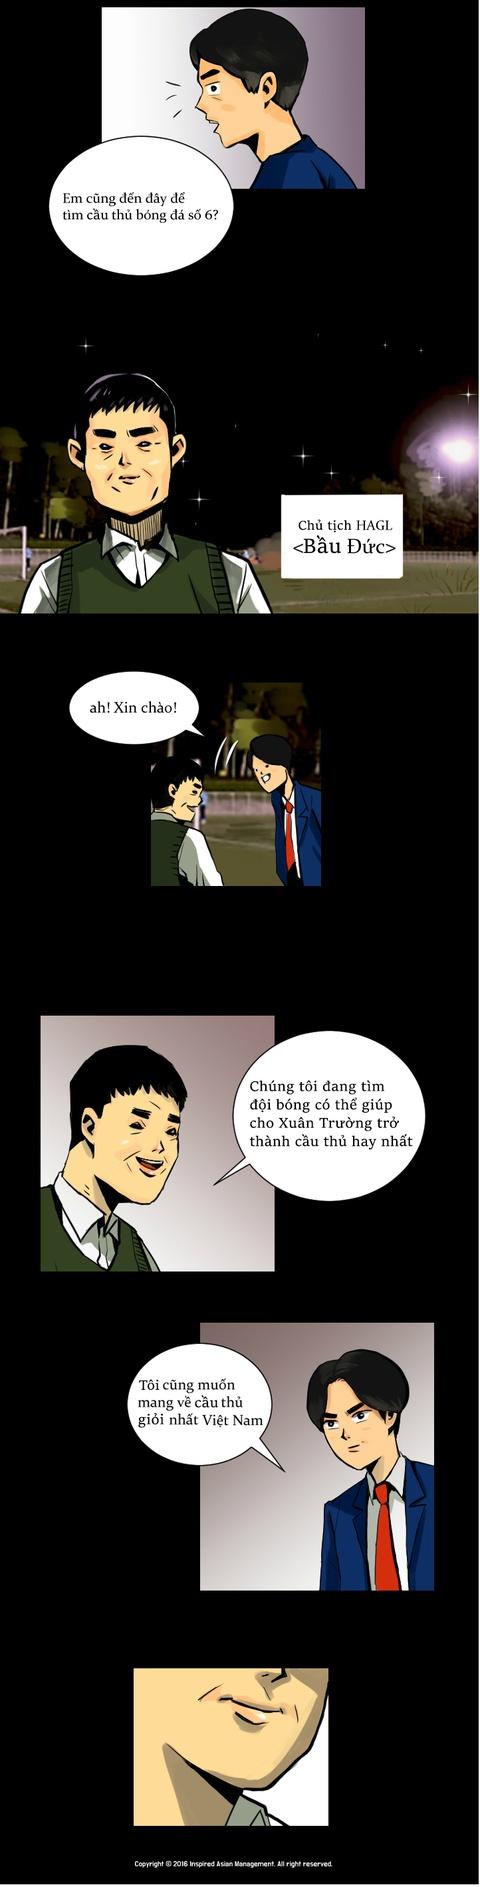 Xuan Truong len truyen tranh truc tuyen cua Han Quoc hinh anh 5